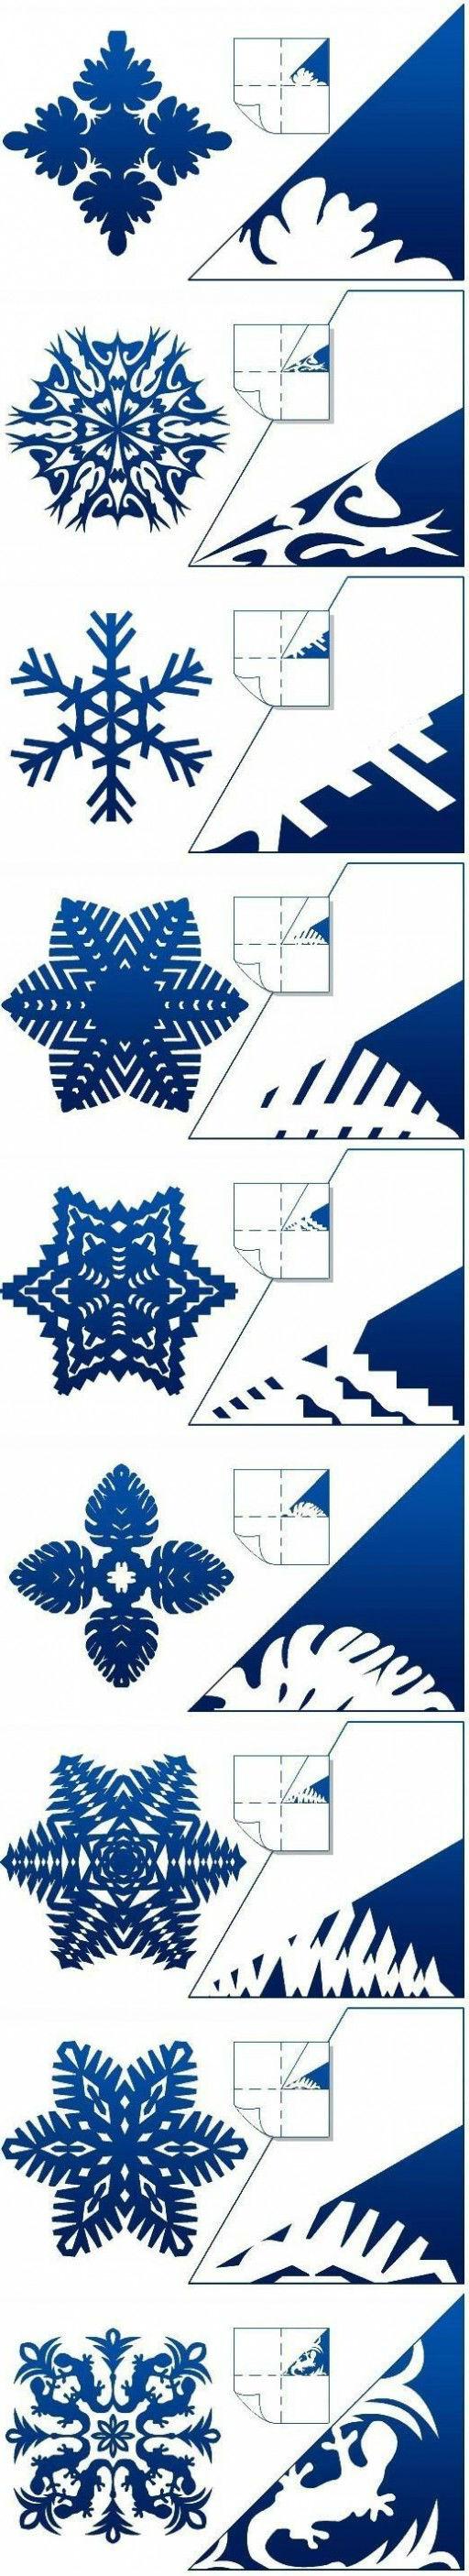 Как сделать снежинку из бумаги чертеж